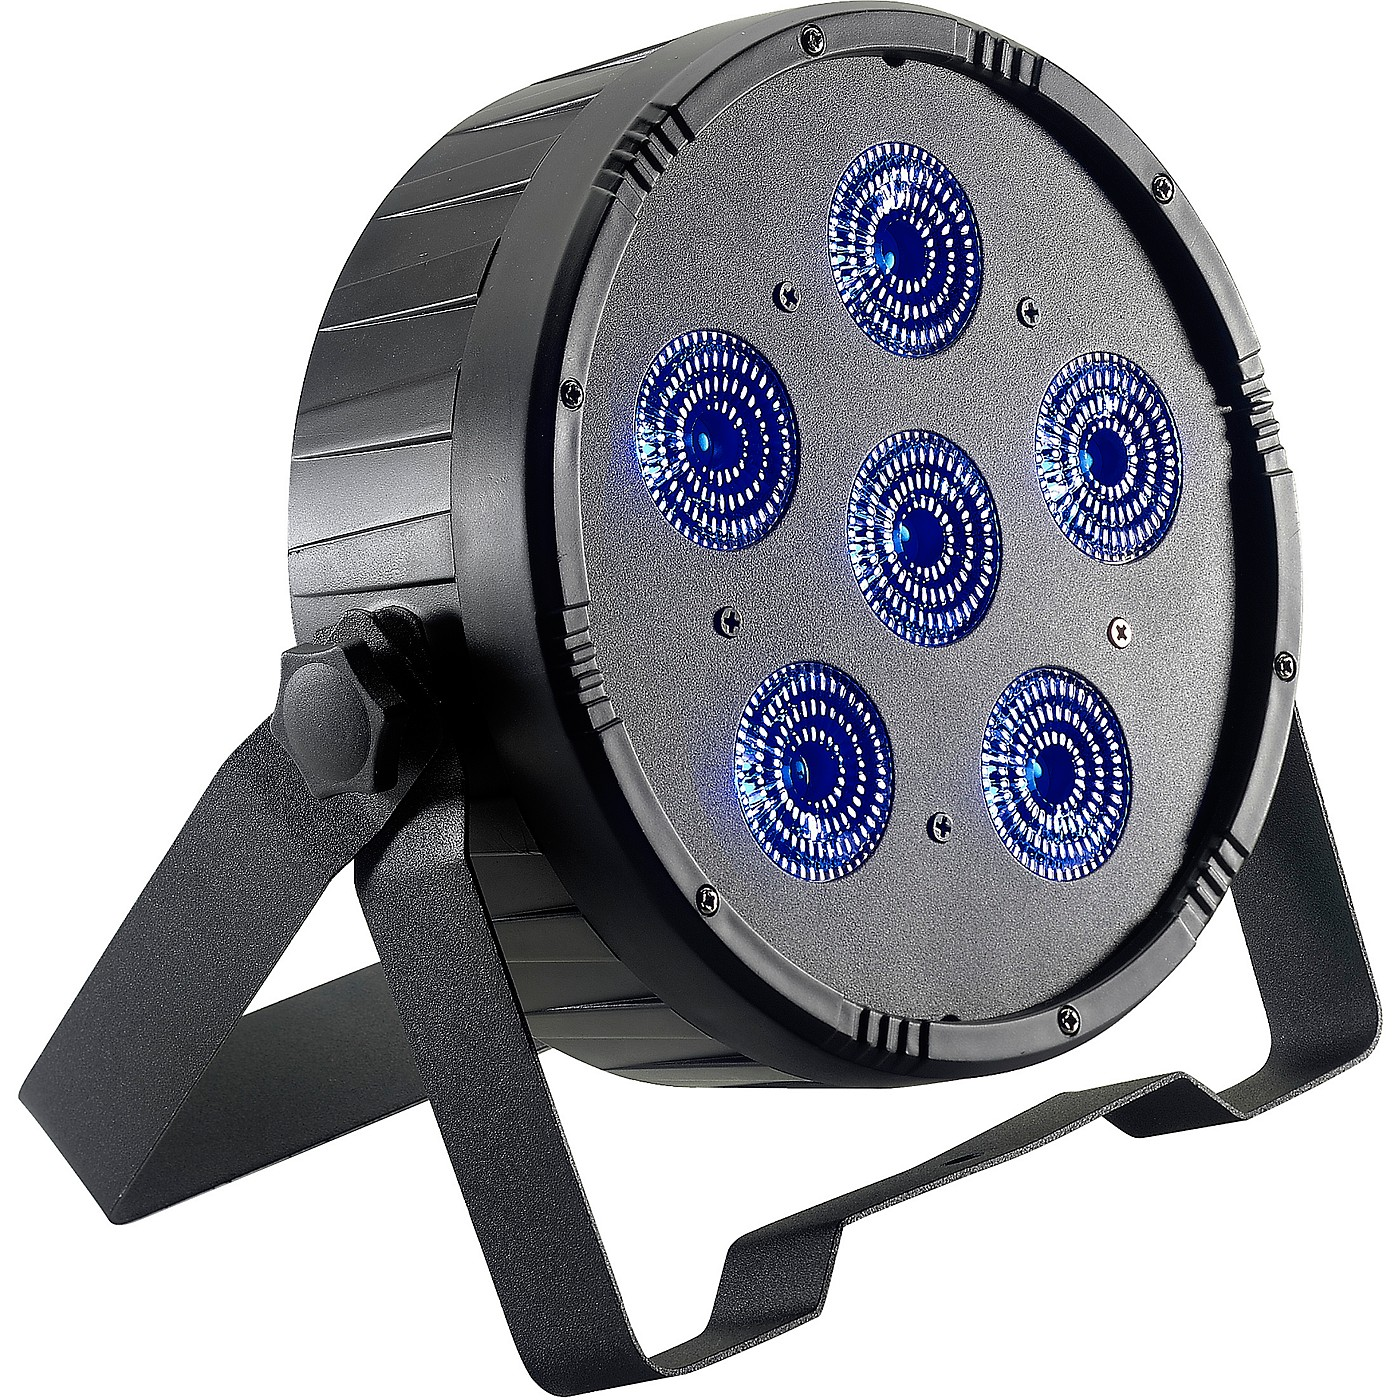 Stagg Flat ECOPAR 6 RGBWA+UV LED Spotlight Wash Light thumbnail